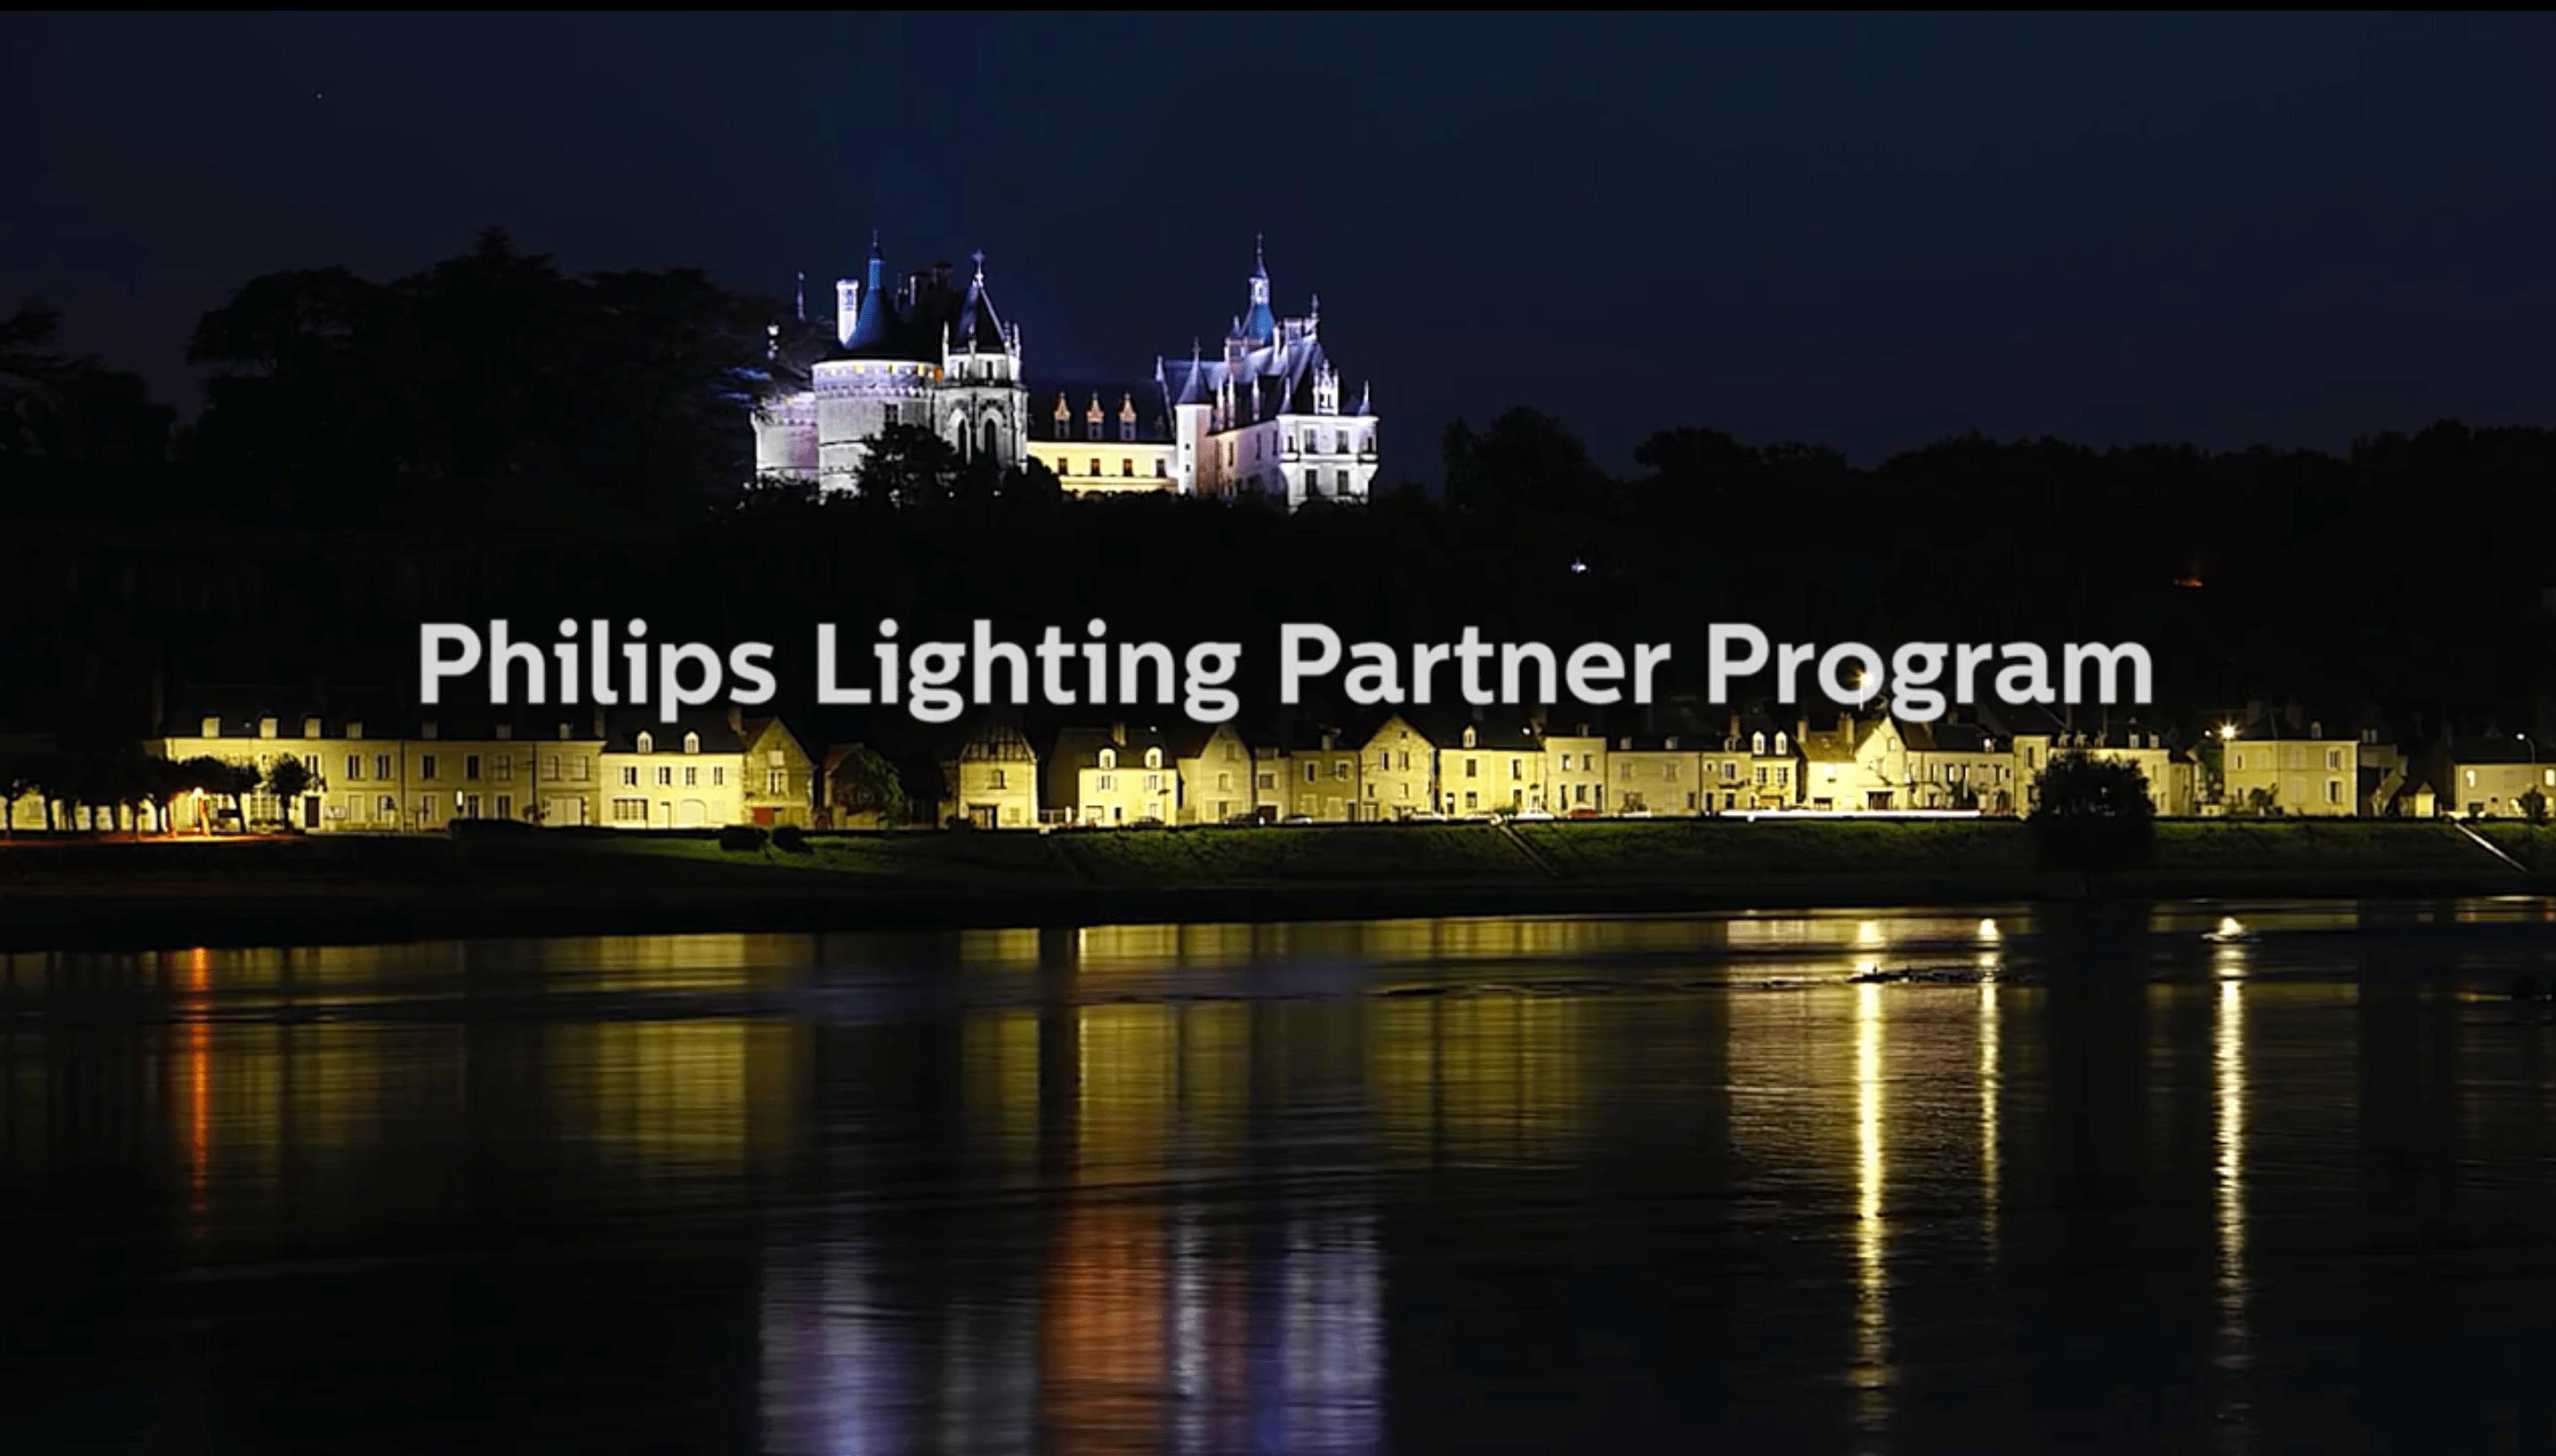 Philips Lighting Partner Program - Frankreich